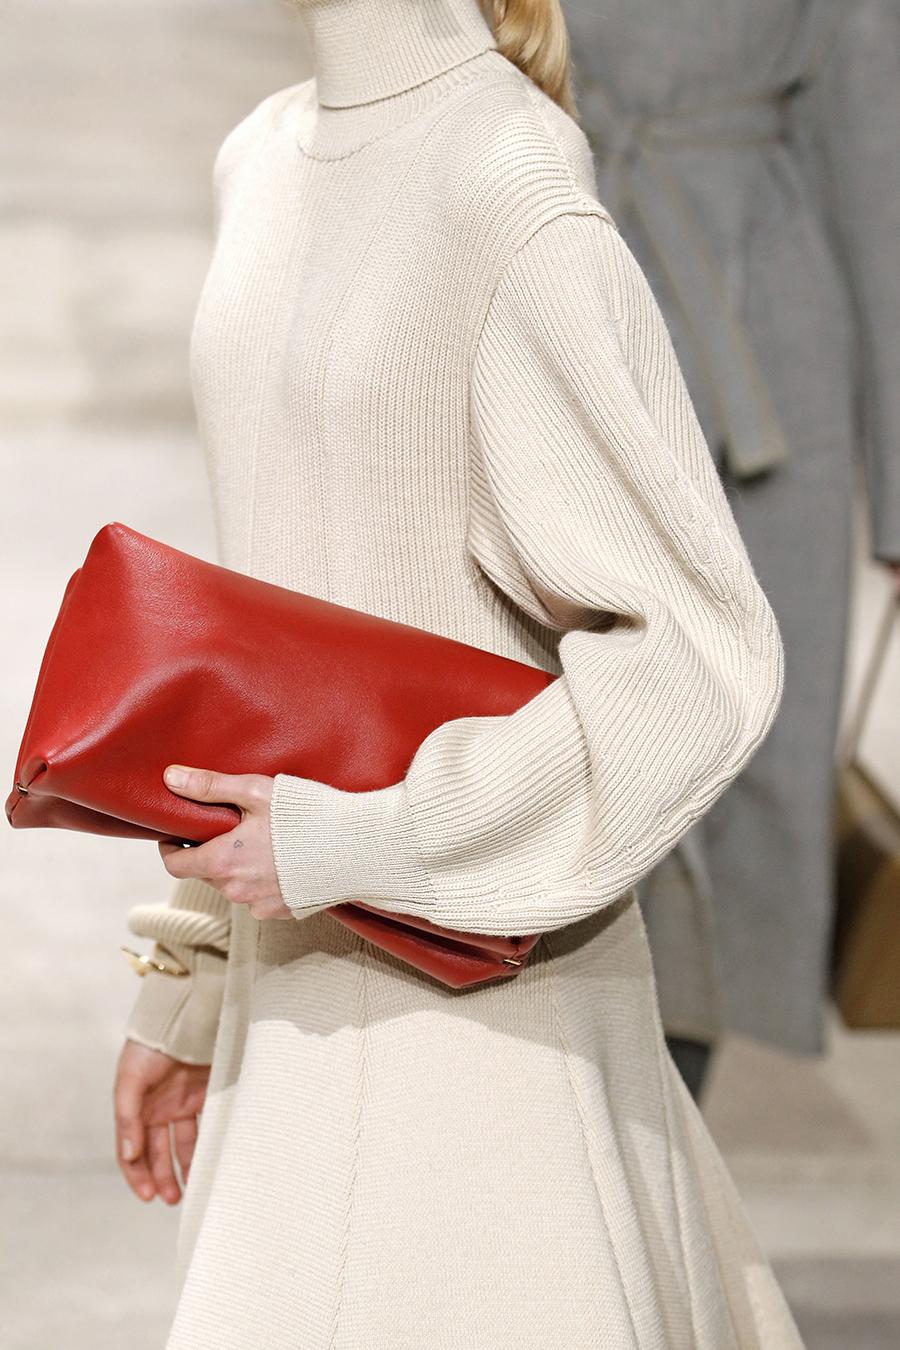 модная сумка мягкий большой клатч осень зима 2020 2021 красная